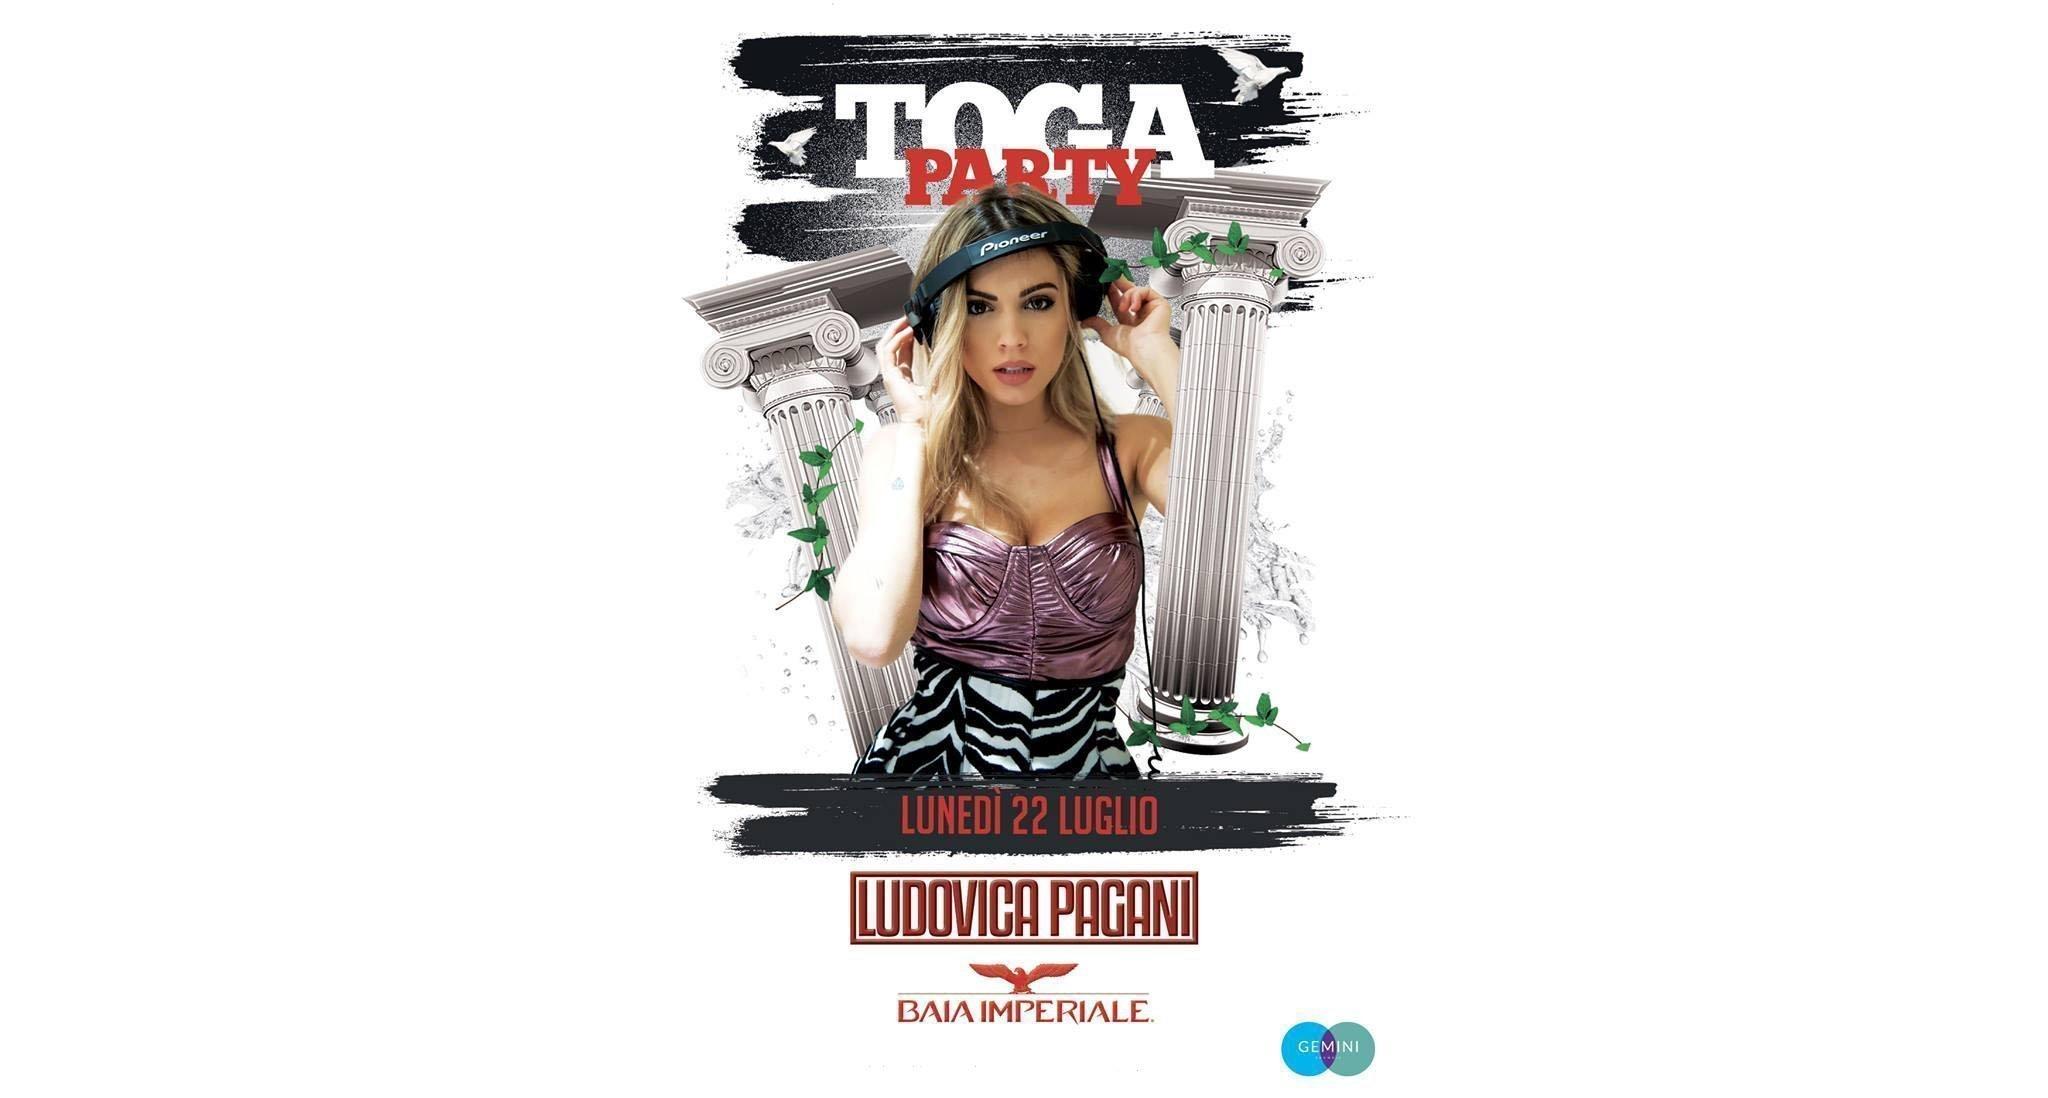 Baia Imperiale 22 07 2019 Toga Party